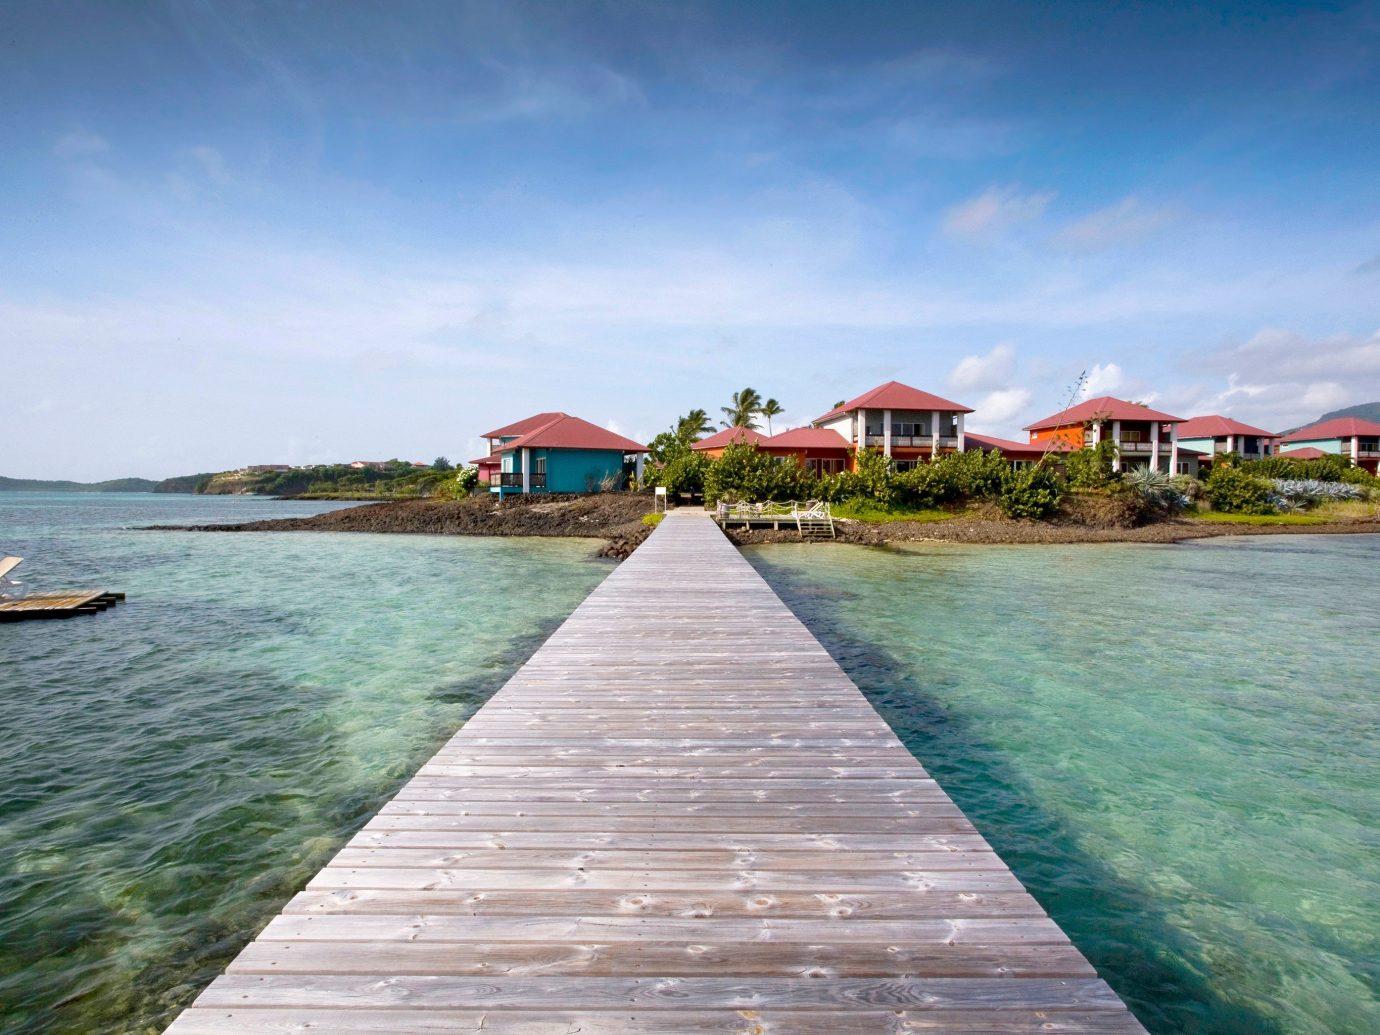 Bridge leading to Le Cap Est Lagoon Resort